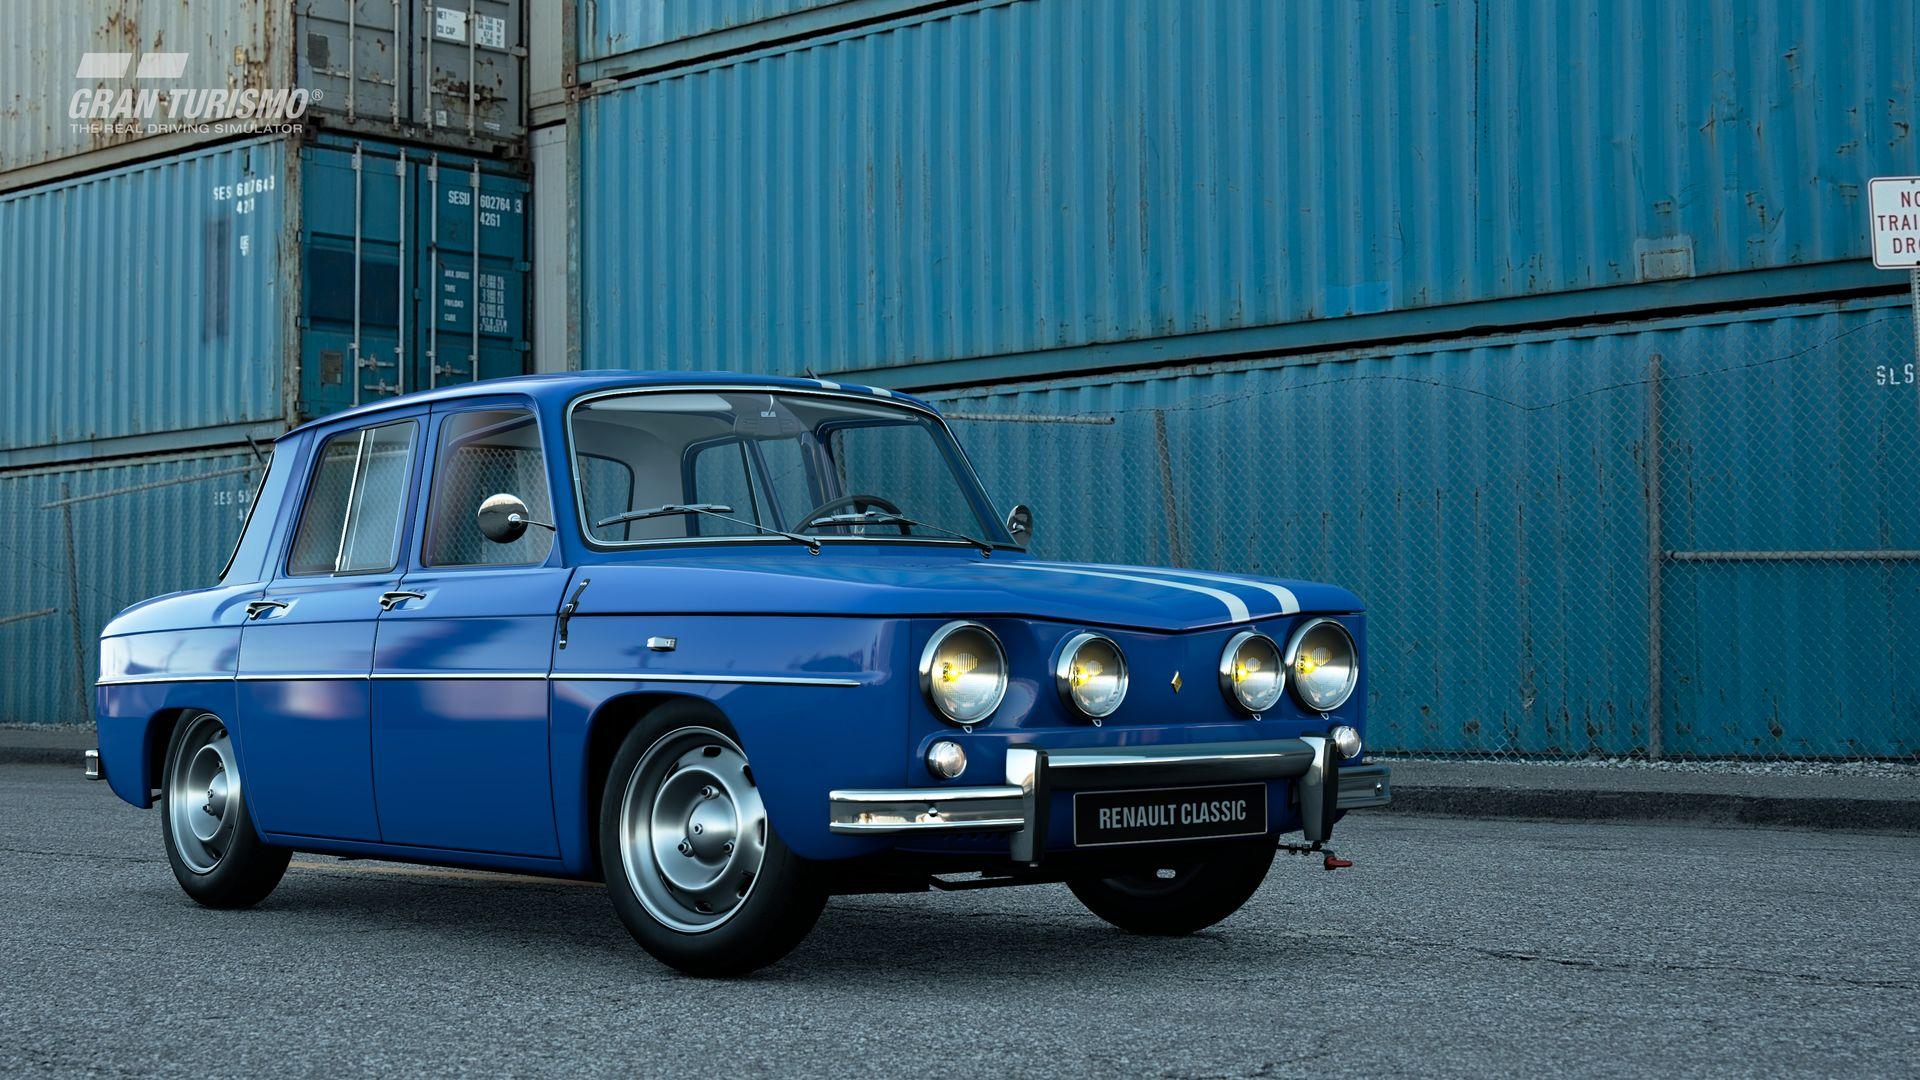 GTSport_Renault.jpg